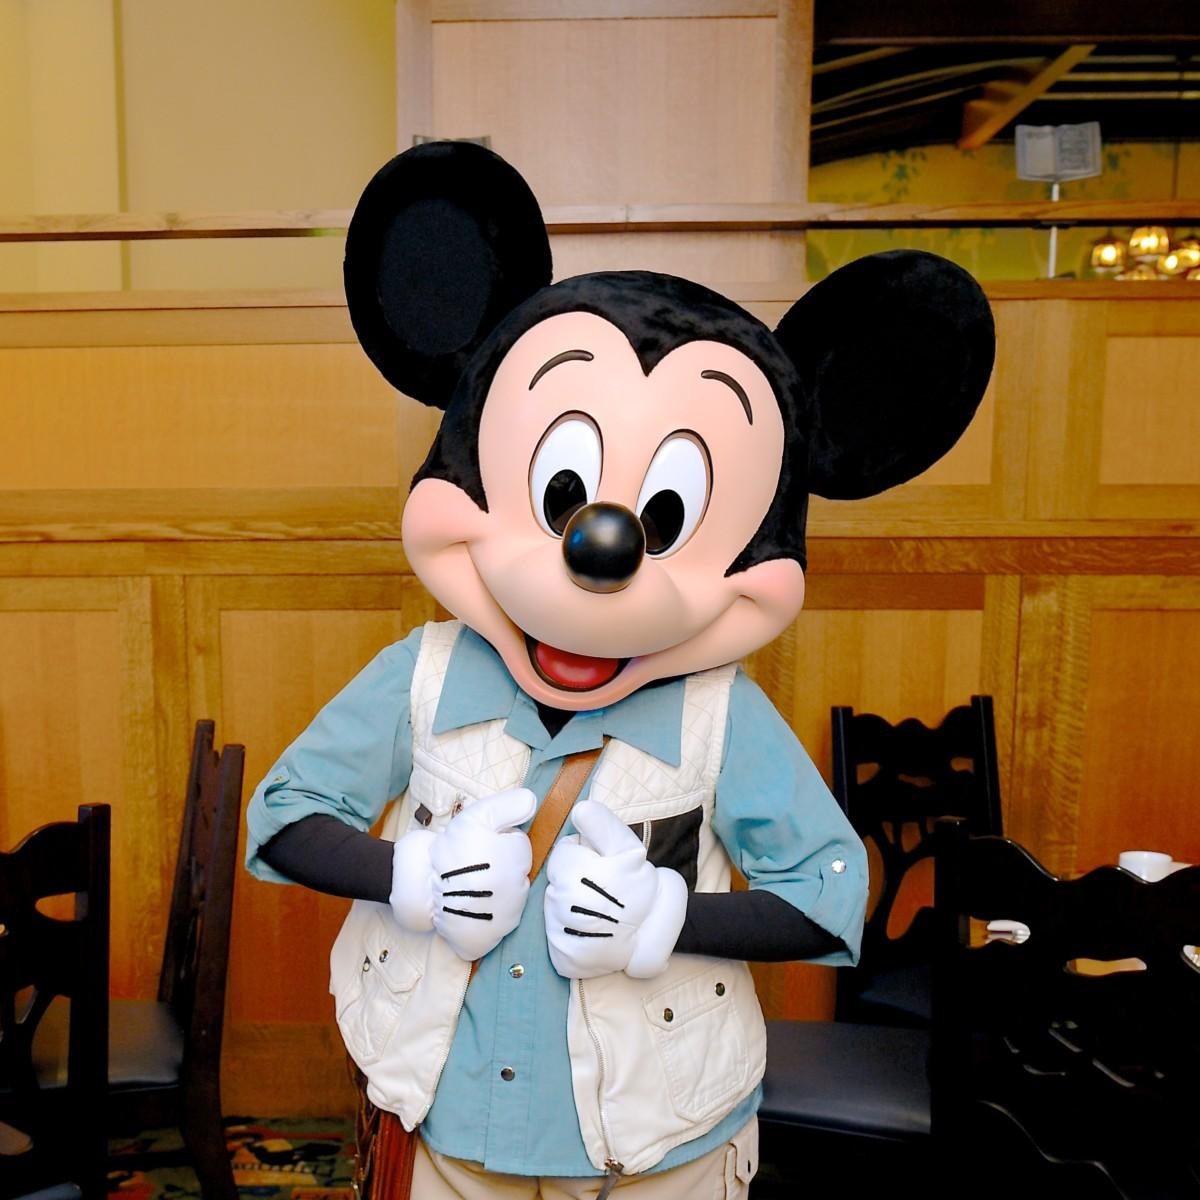 ディズニー・グランド・カリフォルニアン・ホテル&スパ「ストーリーテラー・カフェ」キャラクター・ダイニング ミッキーマウス